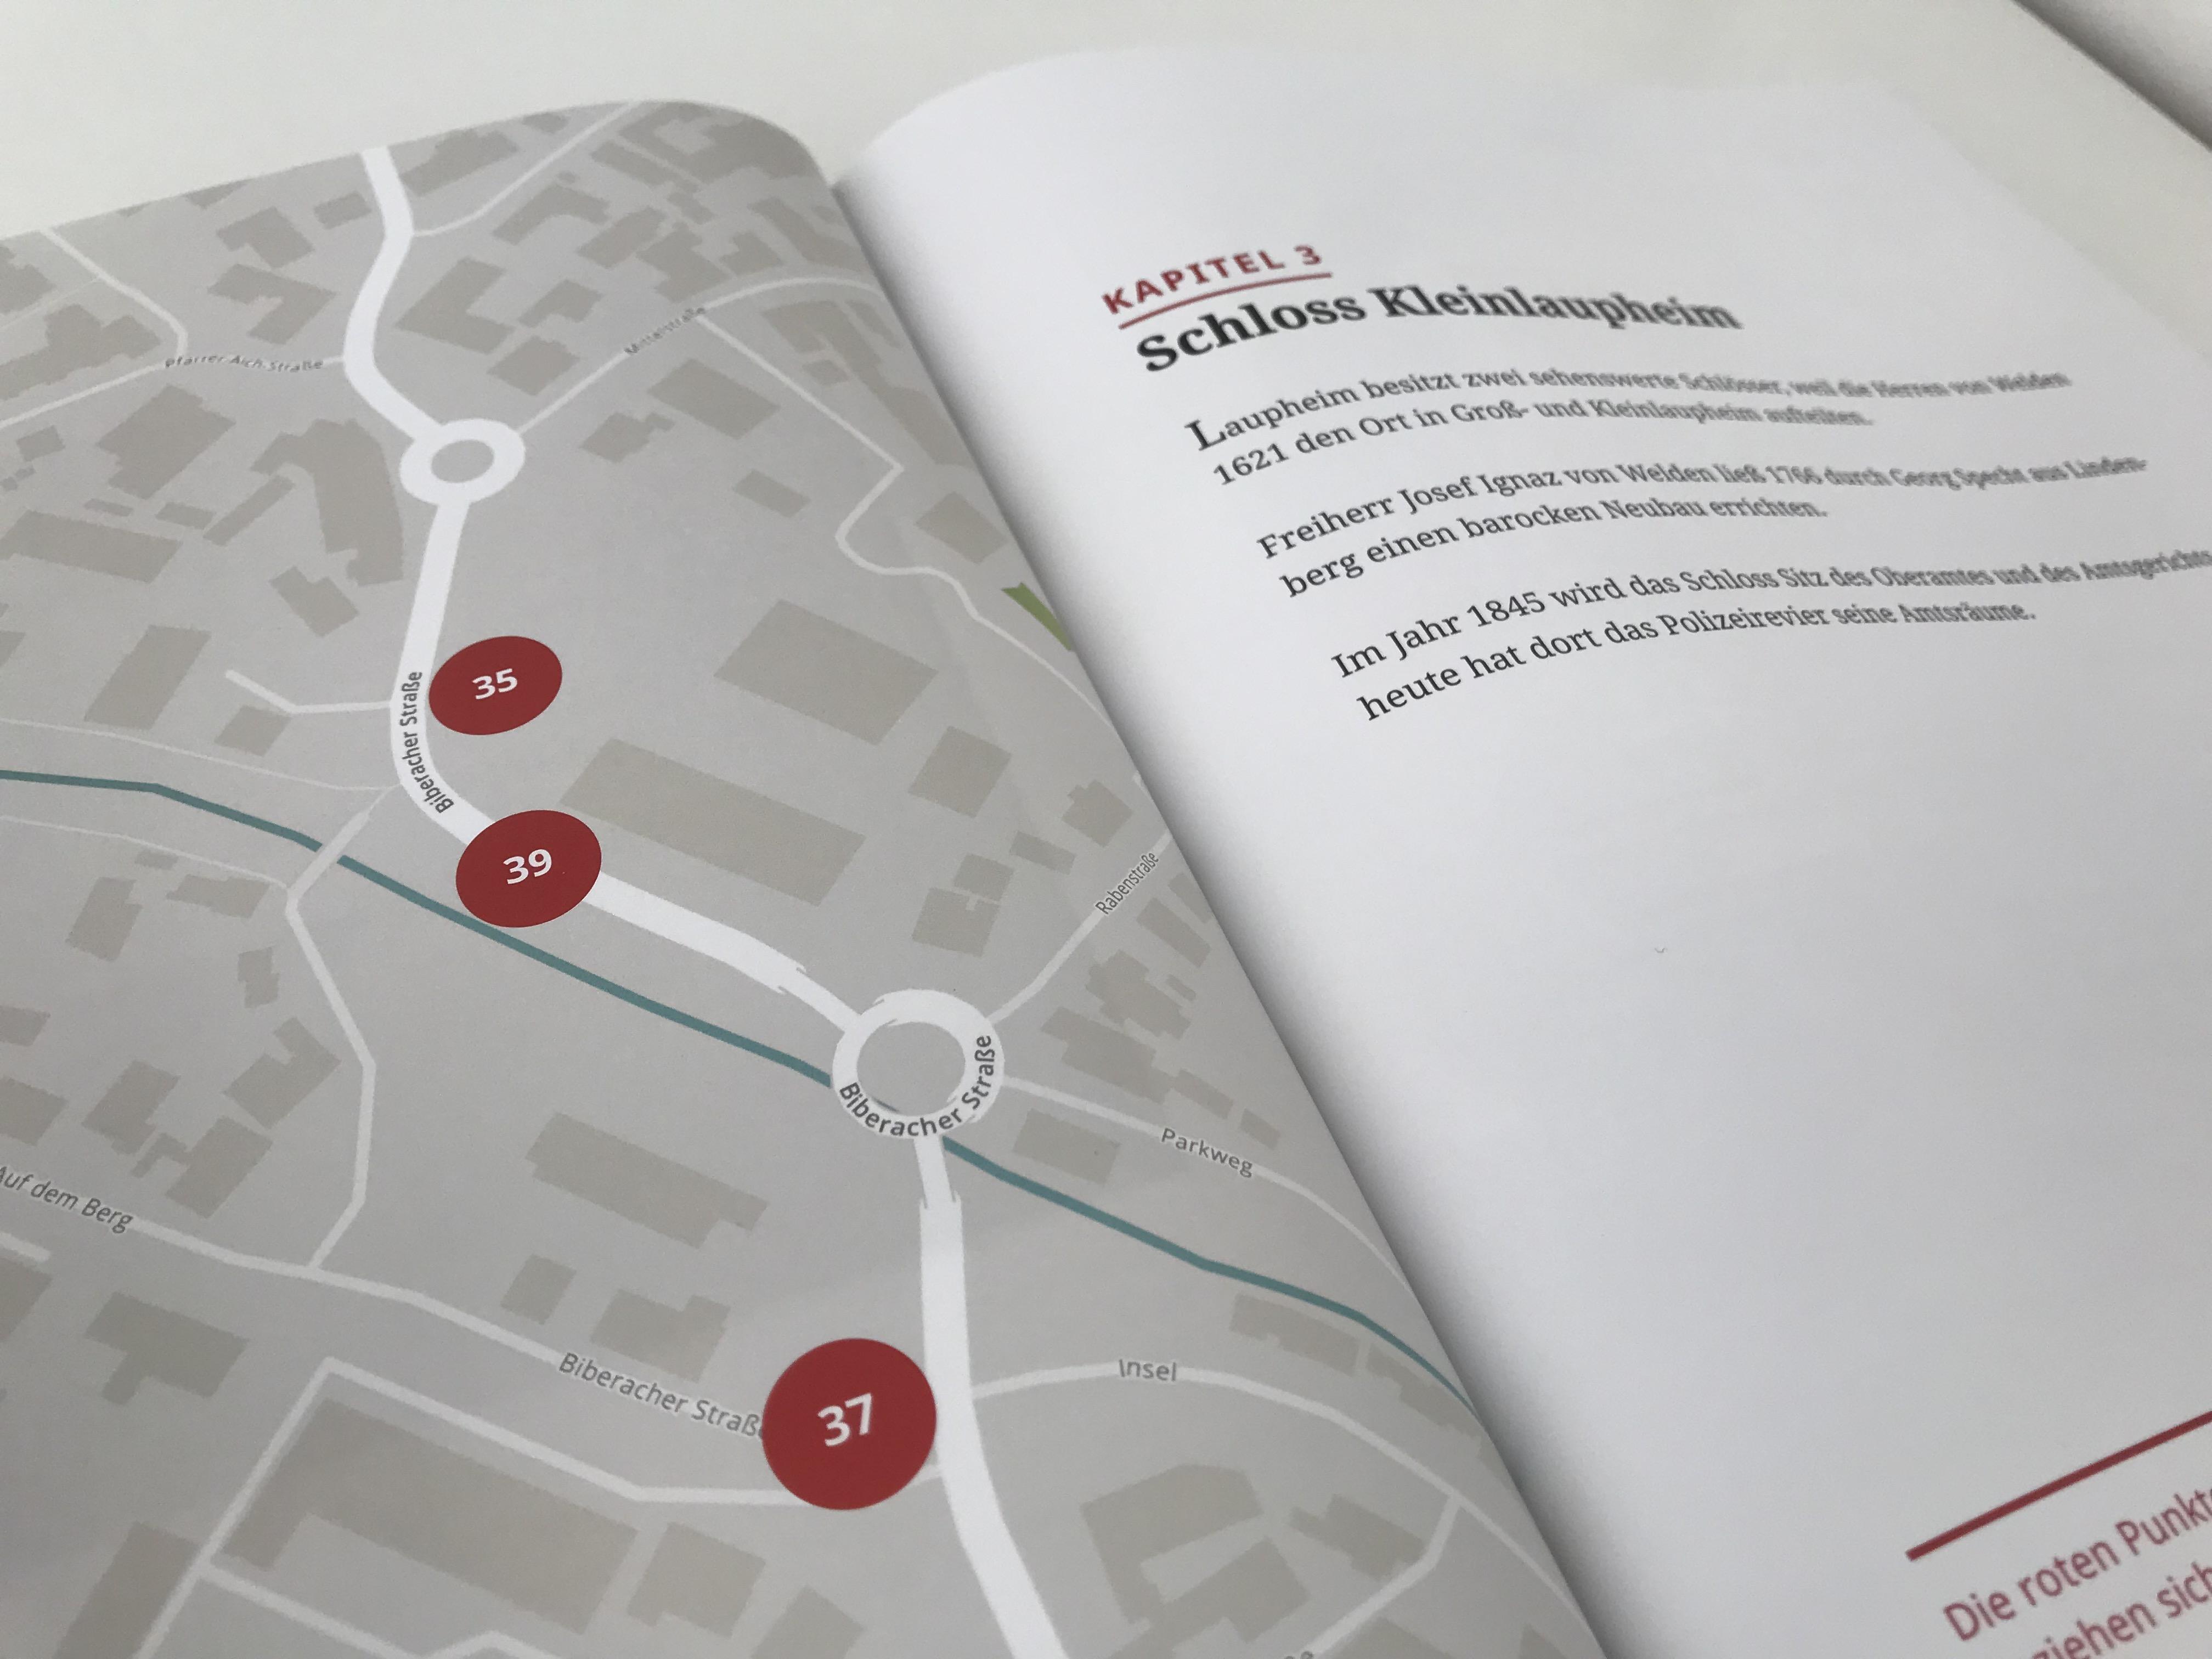 Kartenmaterial von Open Street Maps, designed mit Mapbox